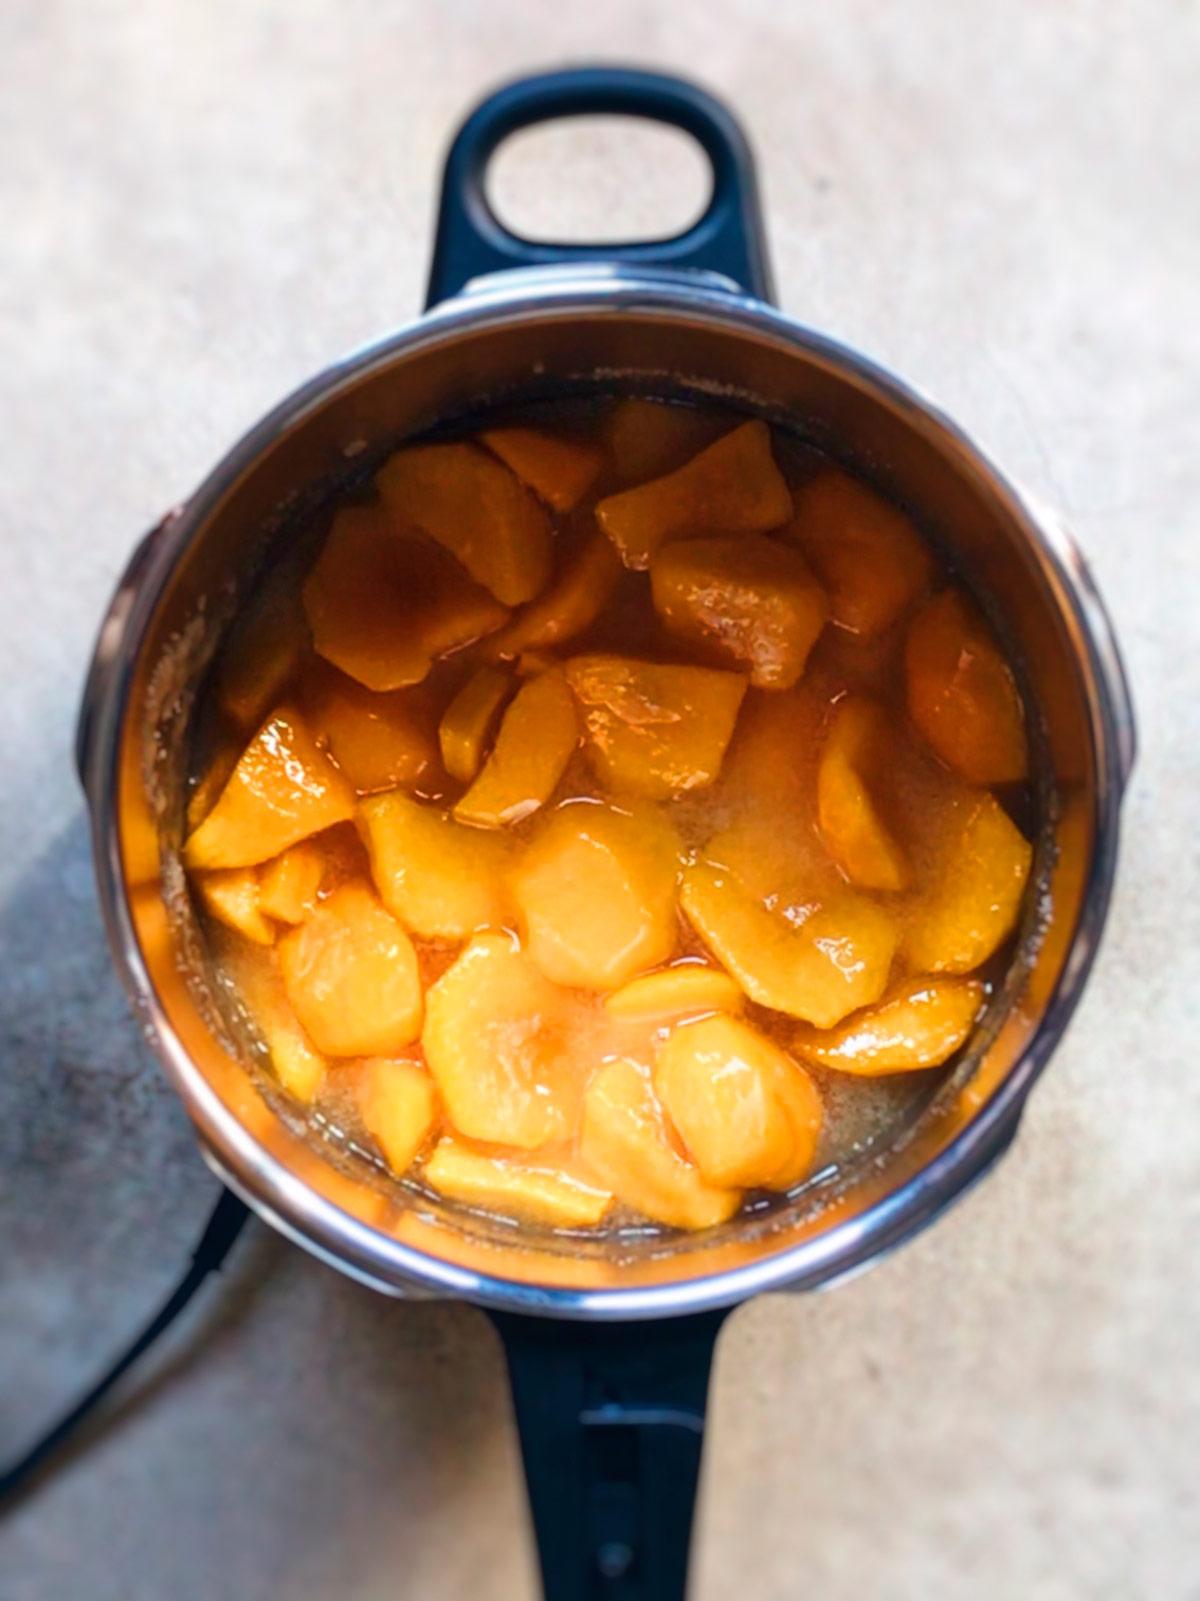 Tiempos de cocción de la mermelada de melocotón